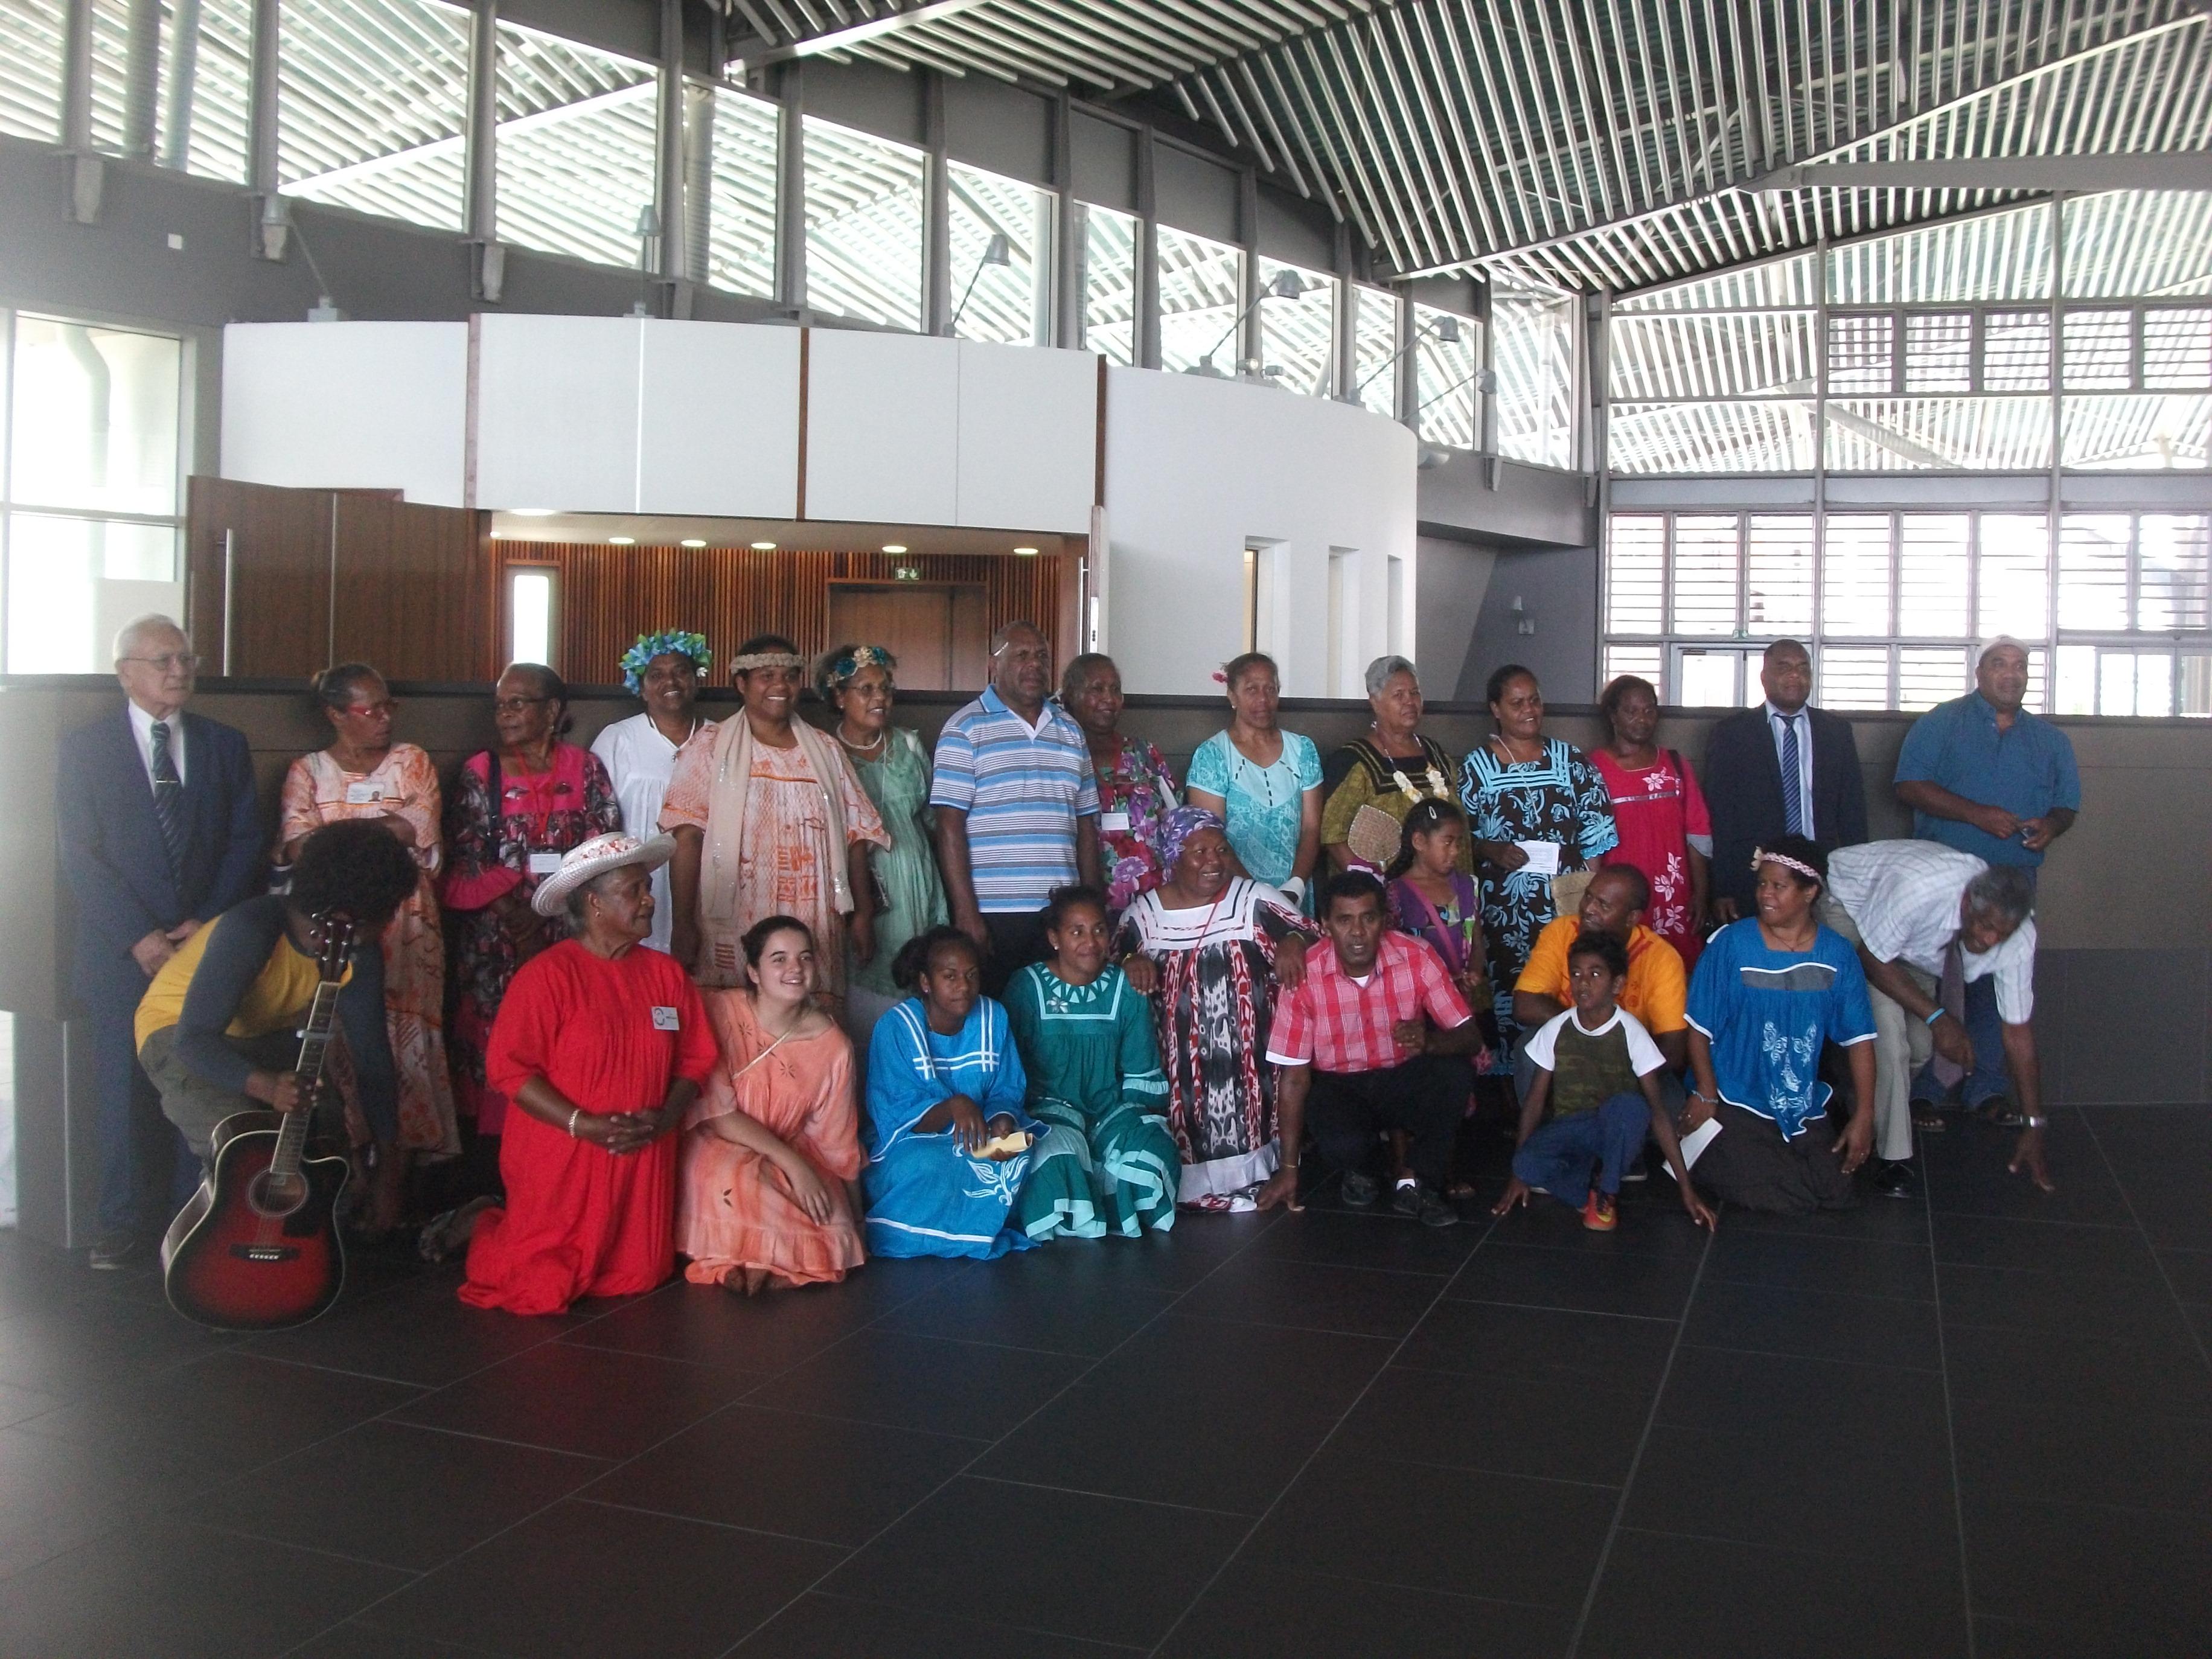 Le groupe de l'aumônerie des hôpitaux avec le pasteur aumônier HAMU Belë